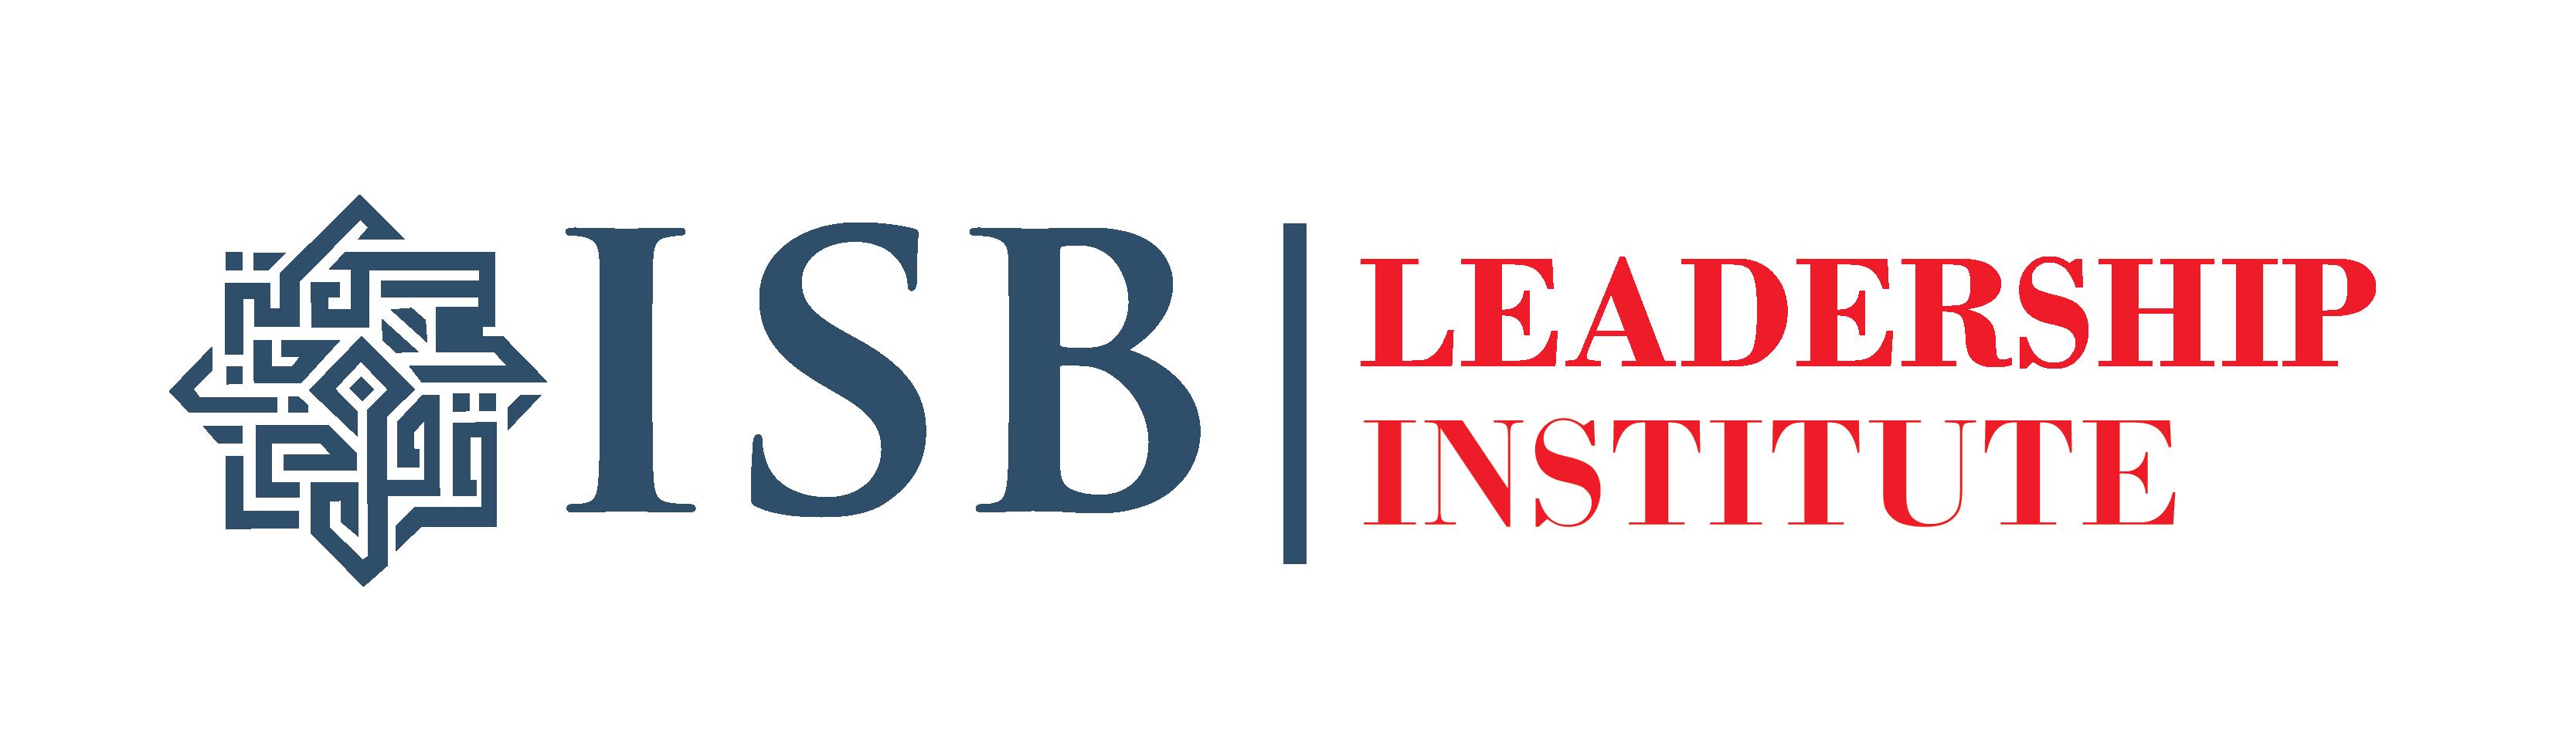 کنفرانس های لاس وگاس 4 - کنفرانس های ماه جون 2019 لاس وگاس